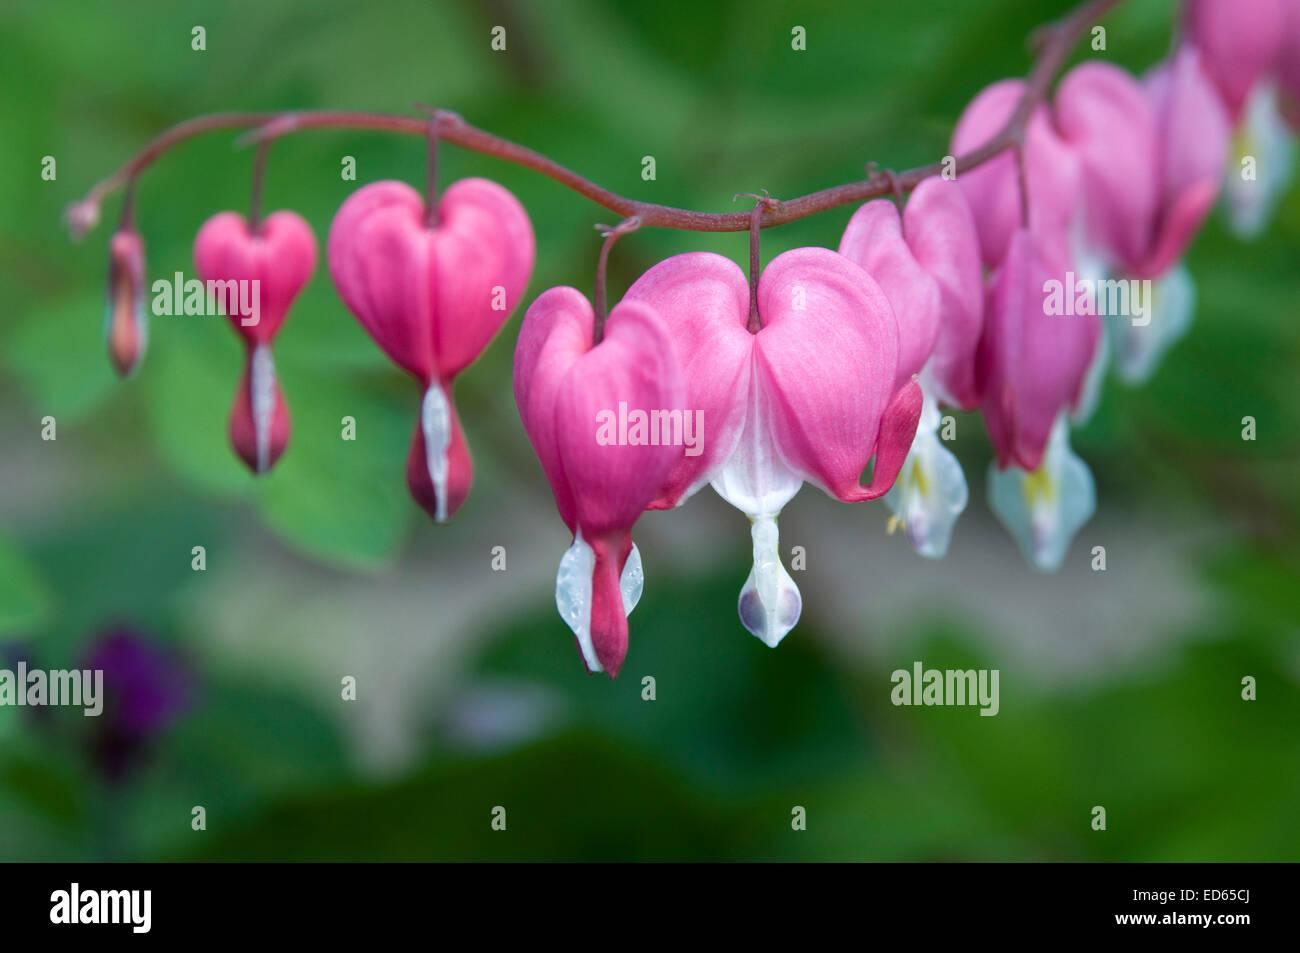 Das Sind Schöne Rosa Tränendes Herz Blumen Stockfoto, Bild